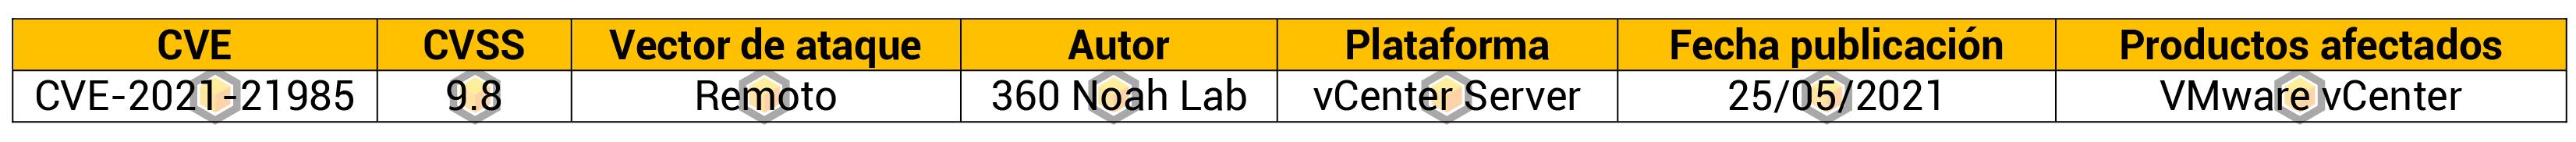 Vulnerabilidad en VMware vCenter